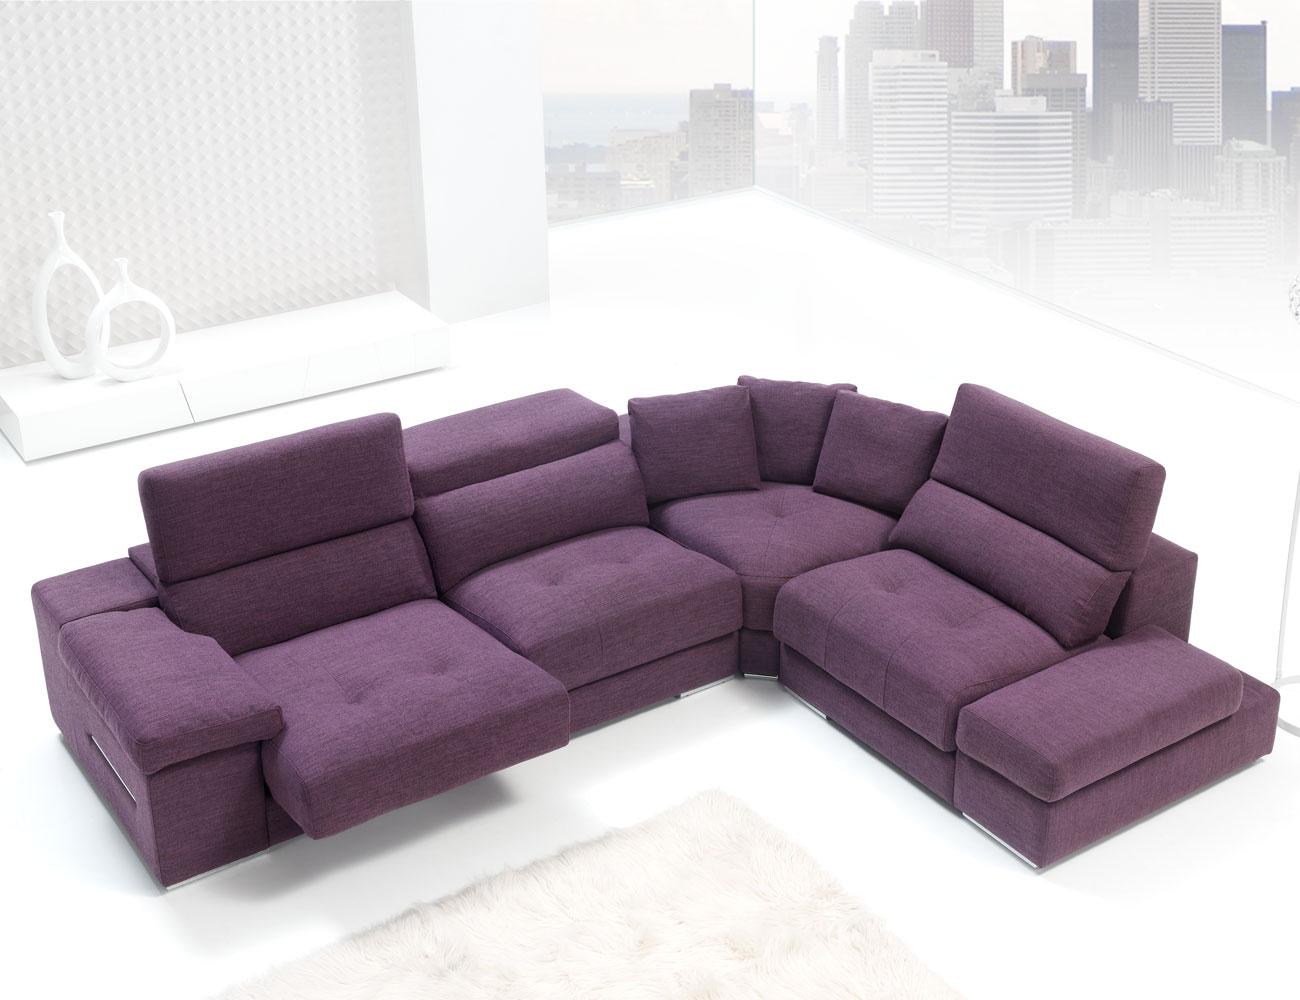 Sofa chaiselongue rincon con brazo mecanico tejido anti manchas 265